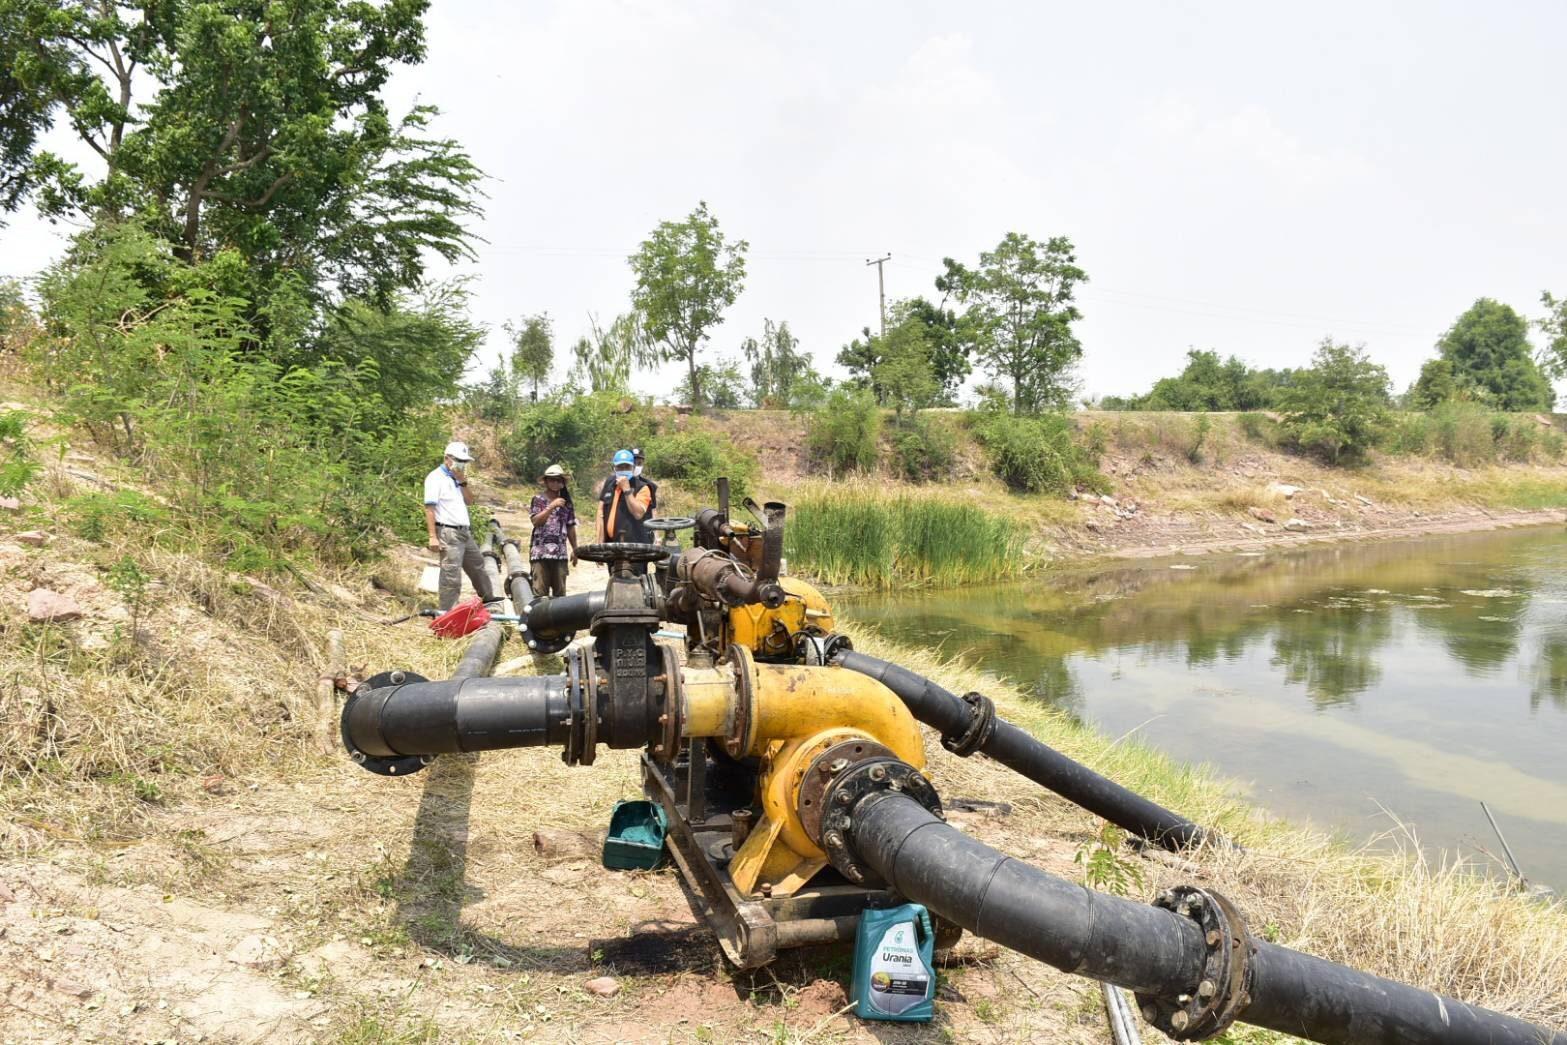 ชป.ลุยสำรวจอ่างเก็บน้ำเพิ่มศักยภาพเก็บกักน้ำแก้แล้งดินหน้าช่วยเหลืออย่างต่อเนื่อง